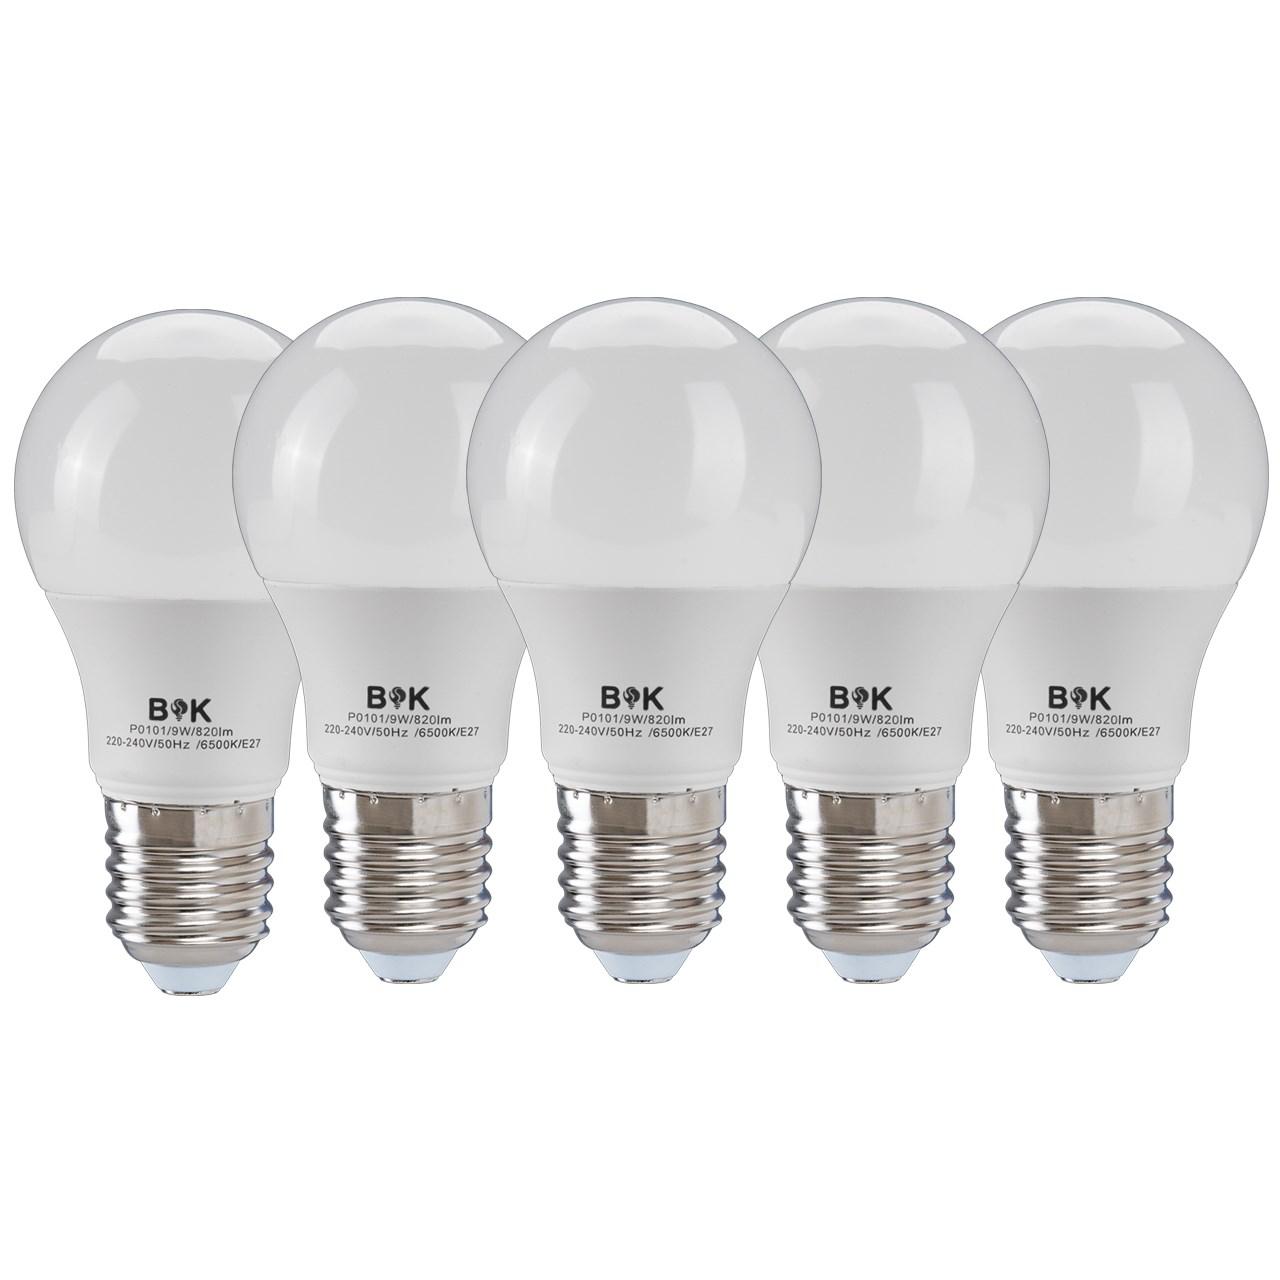 لامپ ال ای دی 9 وات بابک مدل حبابی پایه E27 بسته 5 عددی